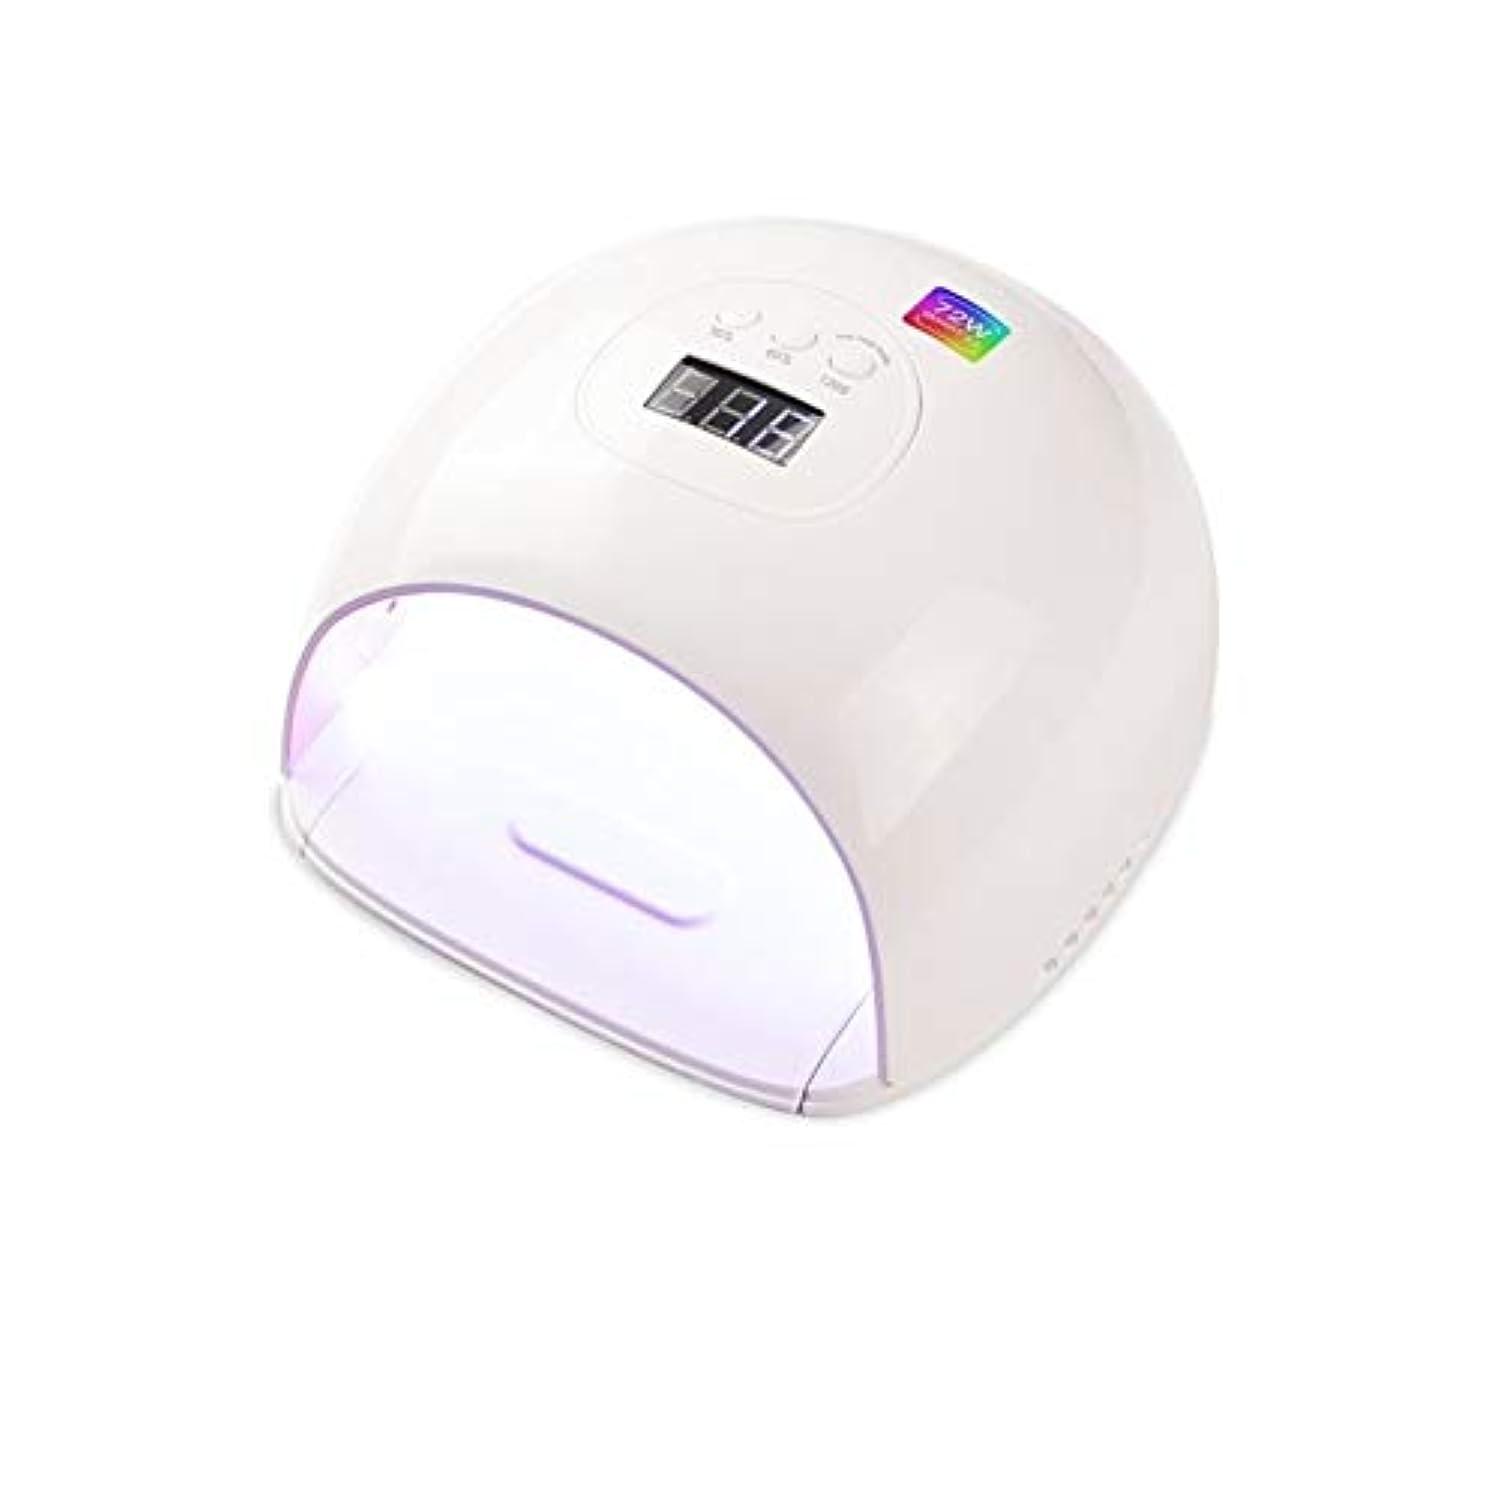 捨てるスーパーマーケット正確にLittleCat UV / LEDランプスマートセンサネイルUVランプ電力72Wプラスチックポーランドドライヤー (色 : European standard circular plug)